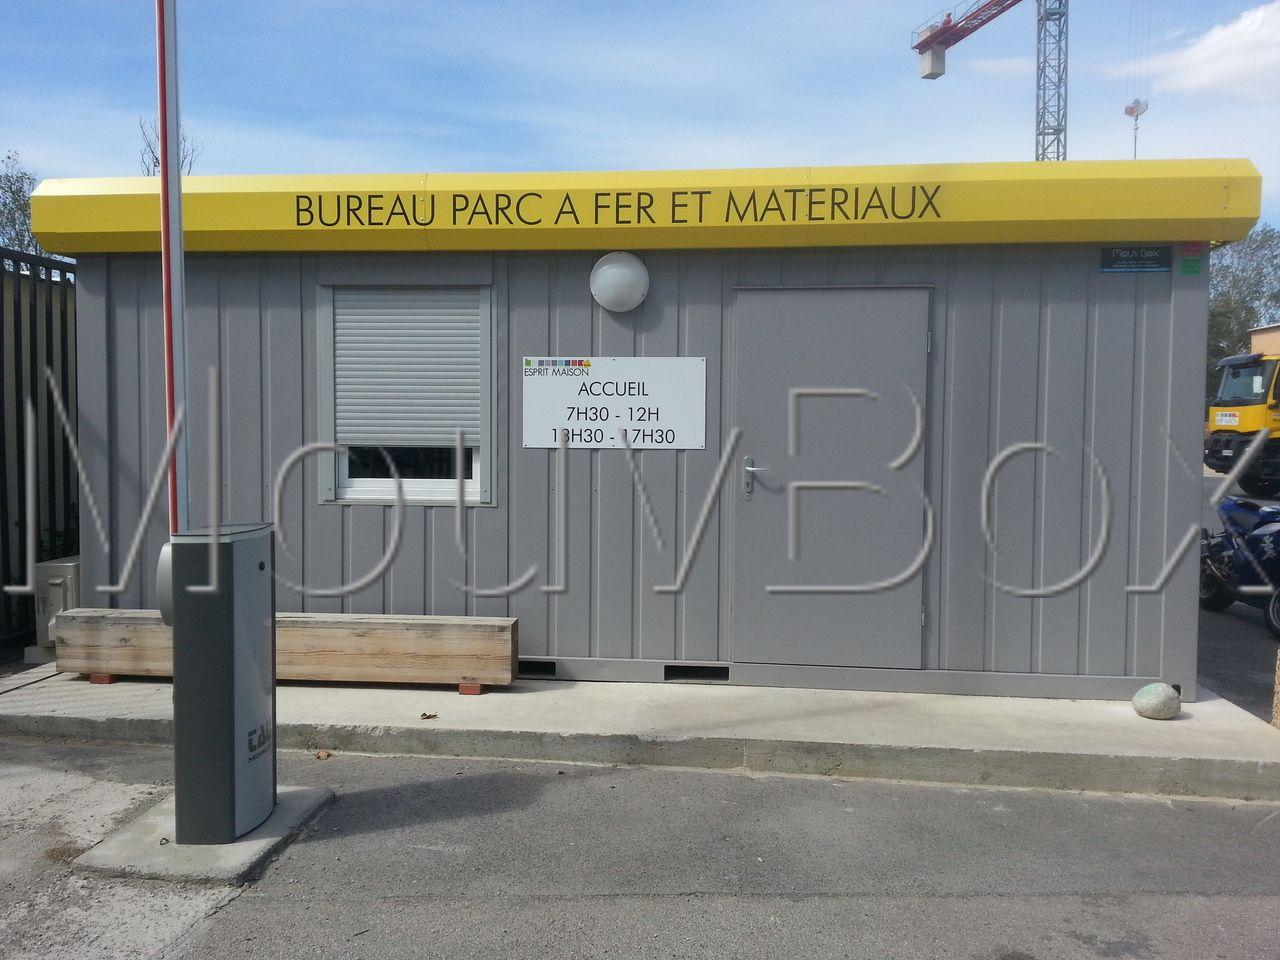 batimodule-bm20-20'-neuf-modulaire-15m2-ccl-bureau-location-vente-achat-mouvbox-france